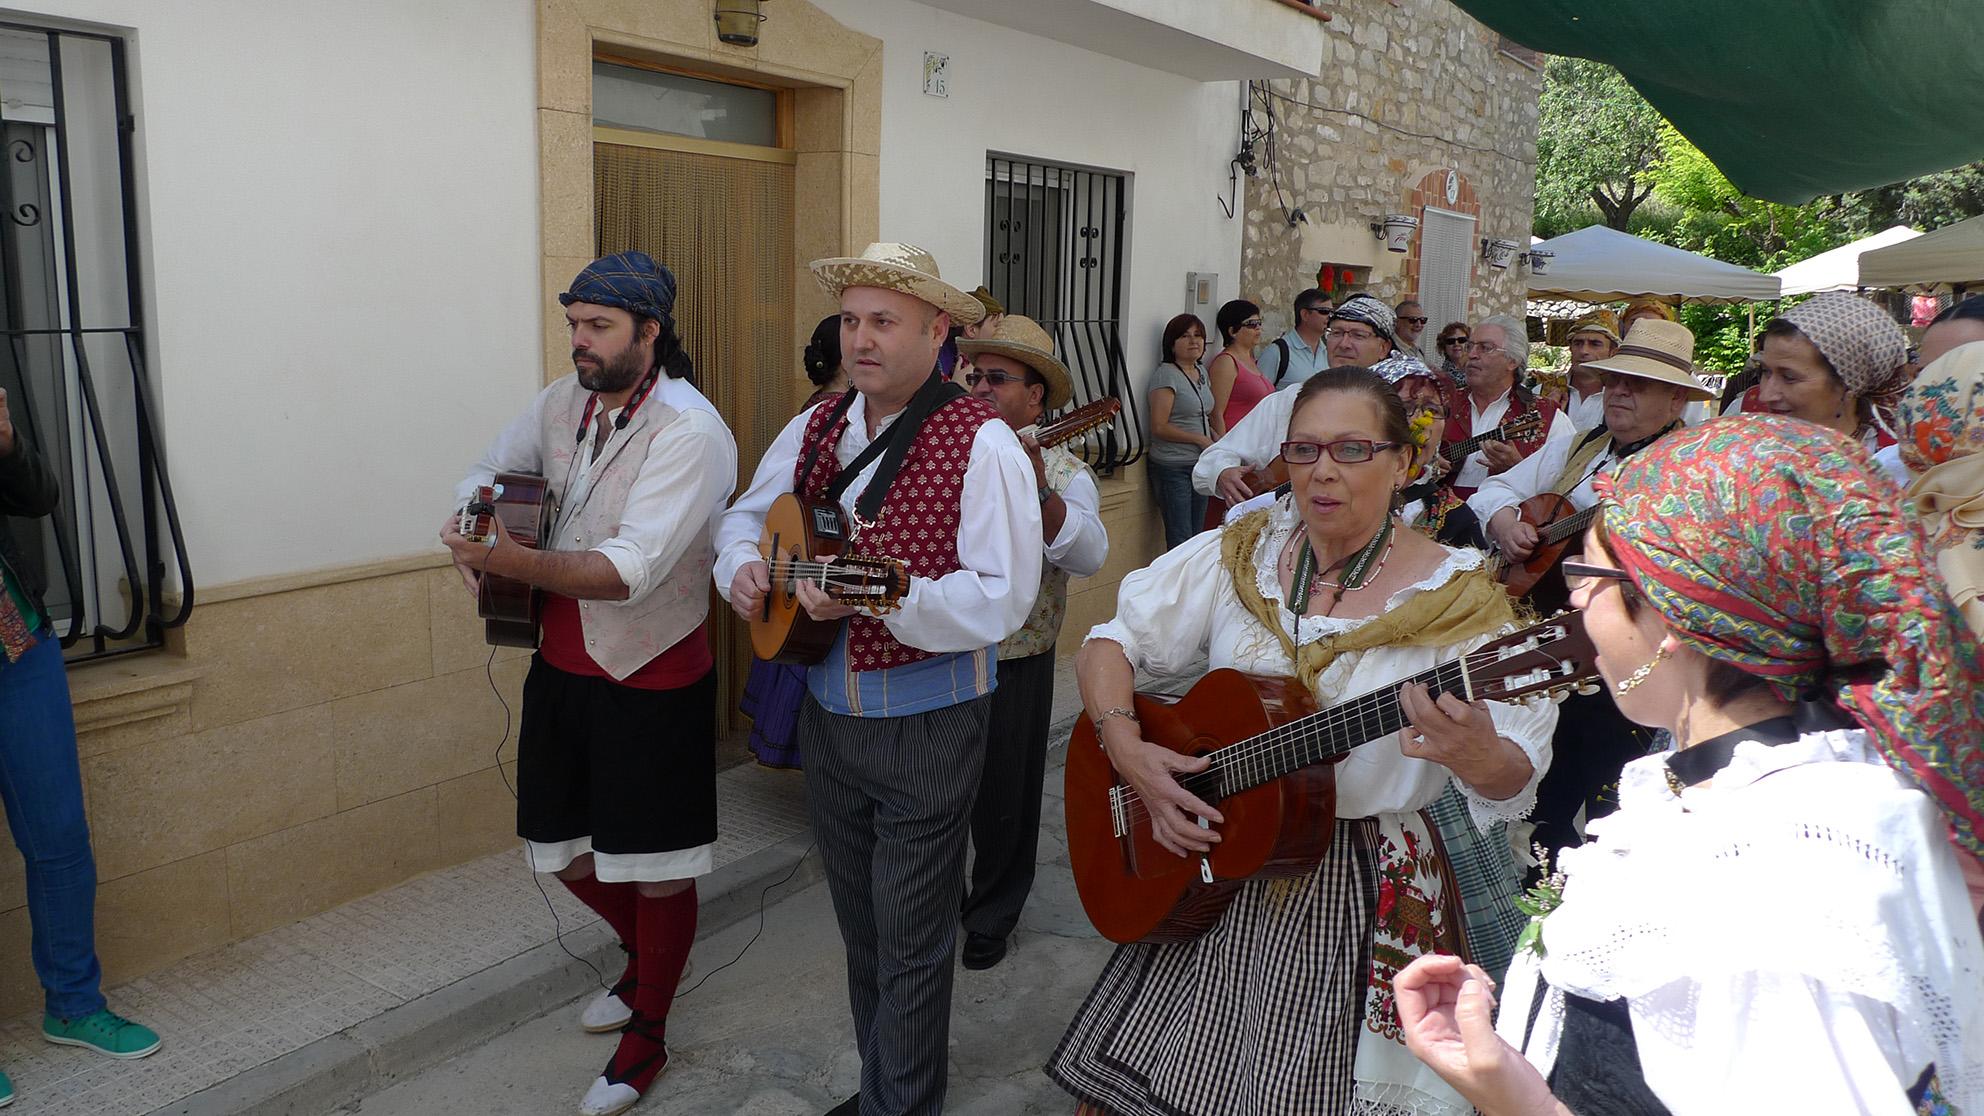 FOTOS: BALADRE a la 13 Festa de la Cirera, Benissili el 8 i 9 de juny de 2013